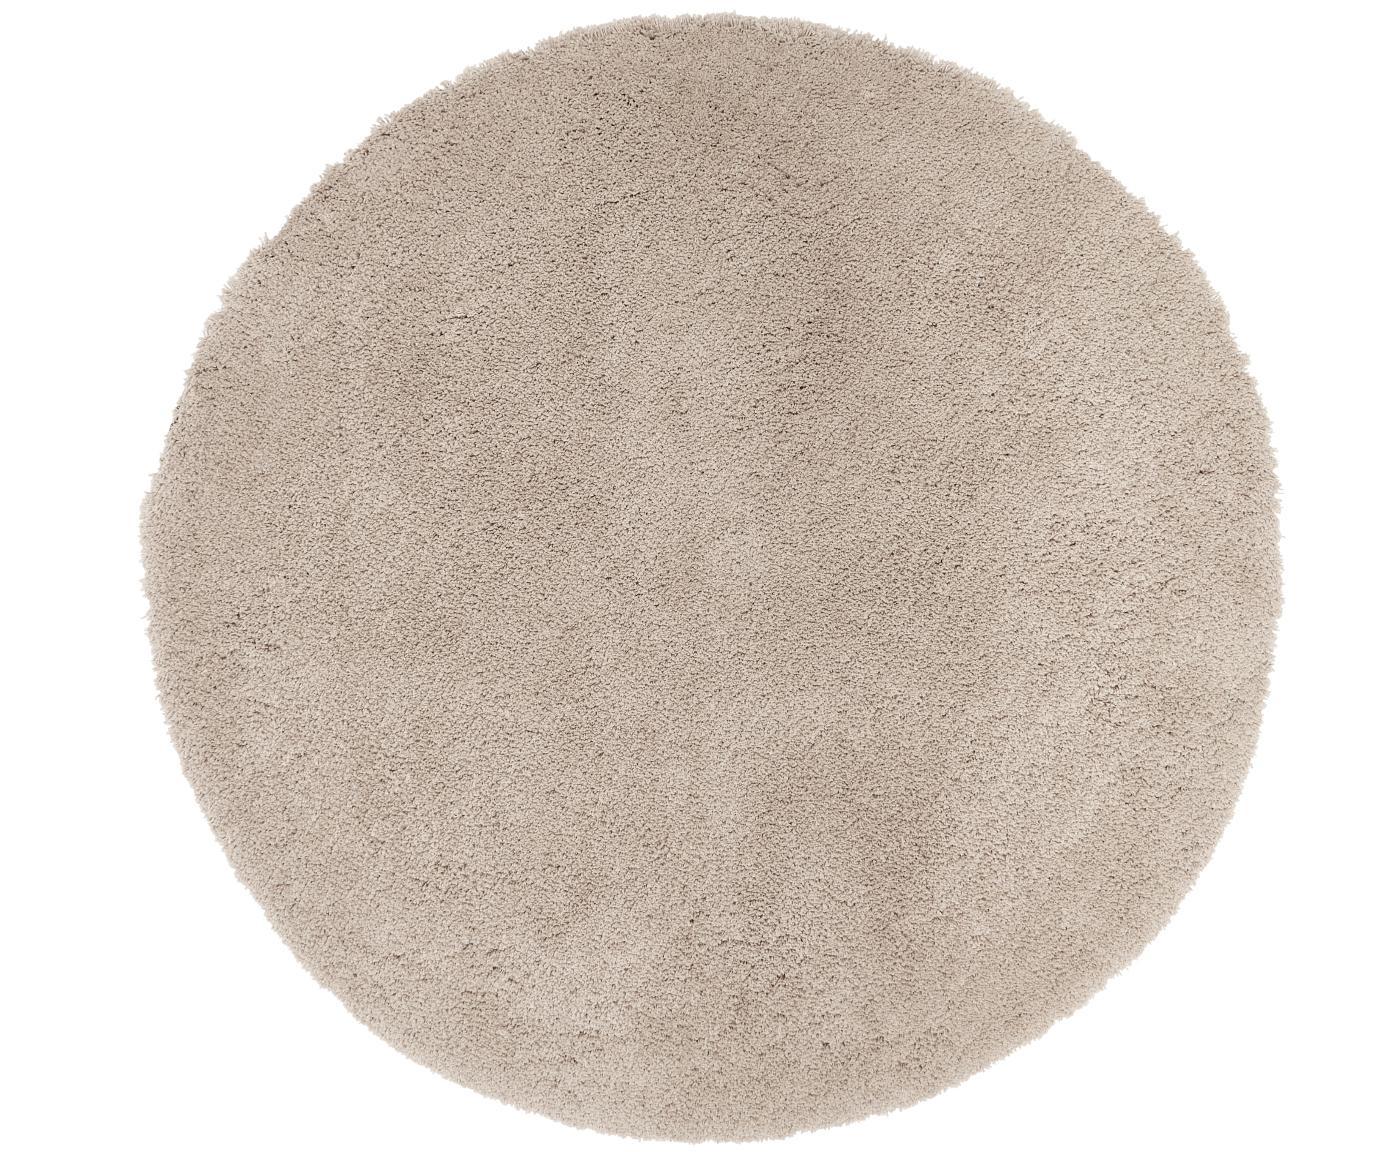 Tappeto peloso rotondo beige Leighton, Retro: 100% poliestere, Beige-marrone, Ø 120 cm